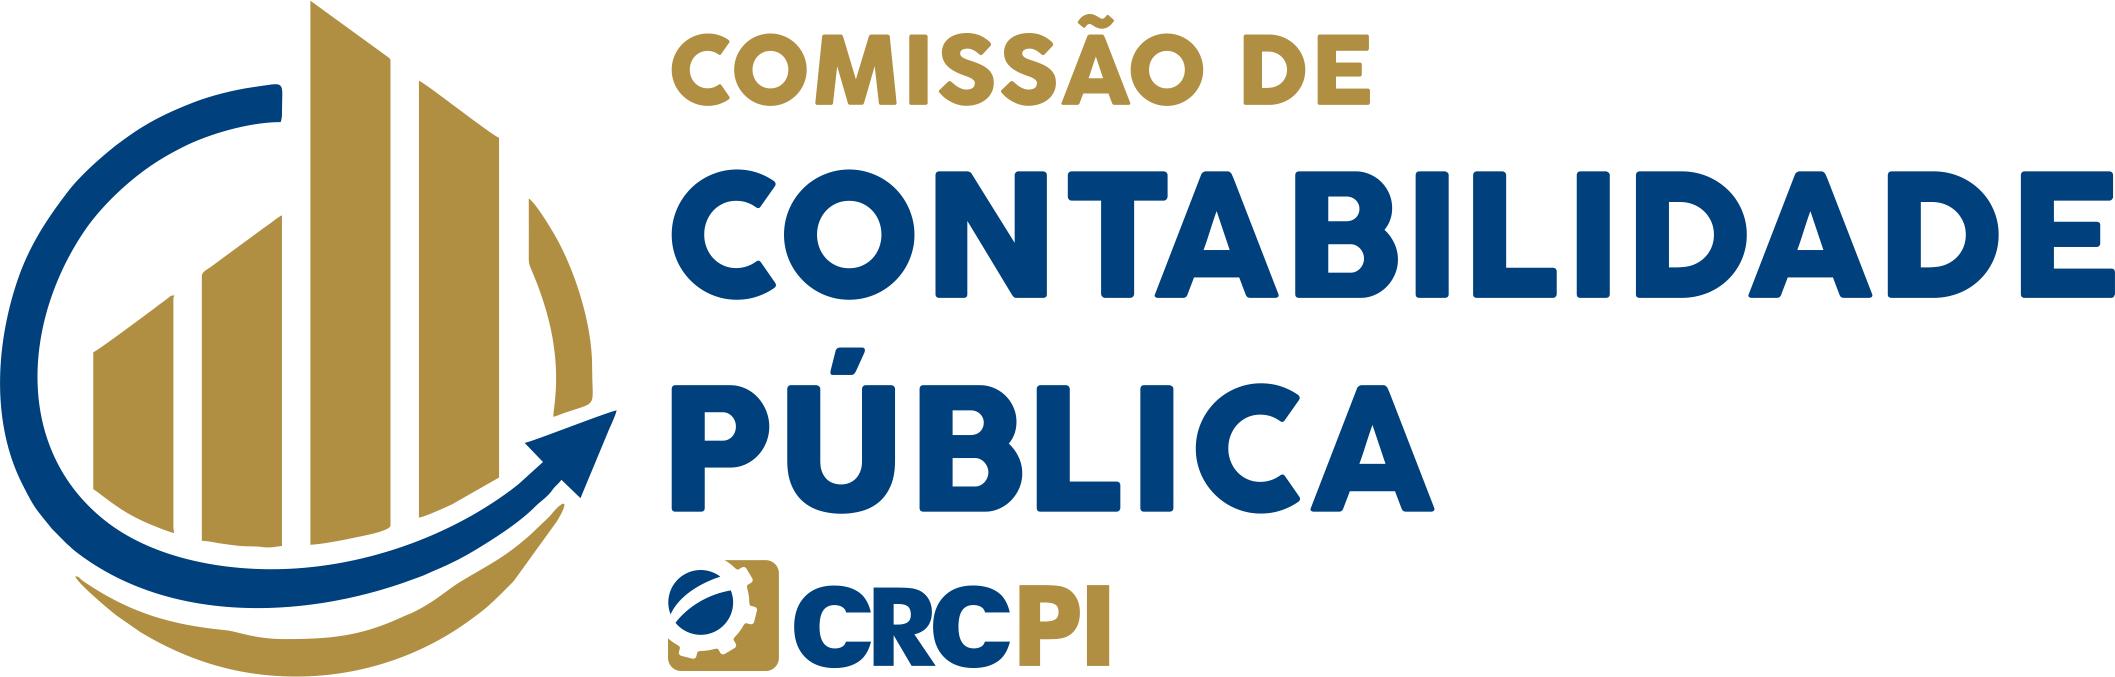 Comissao_Contabilidade Publica